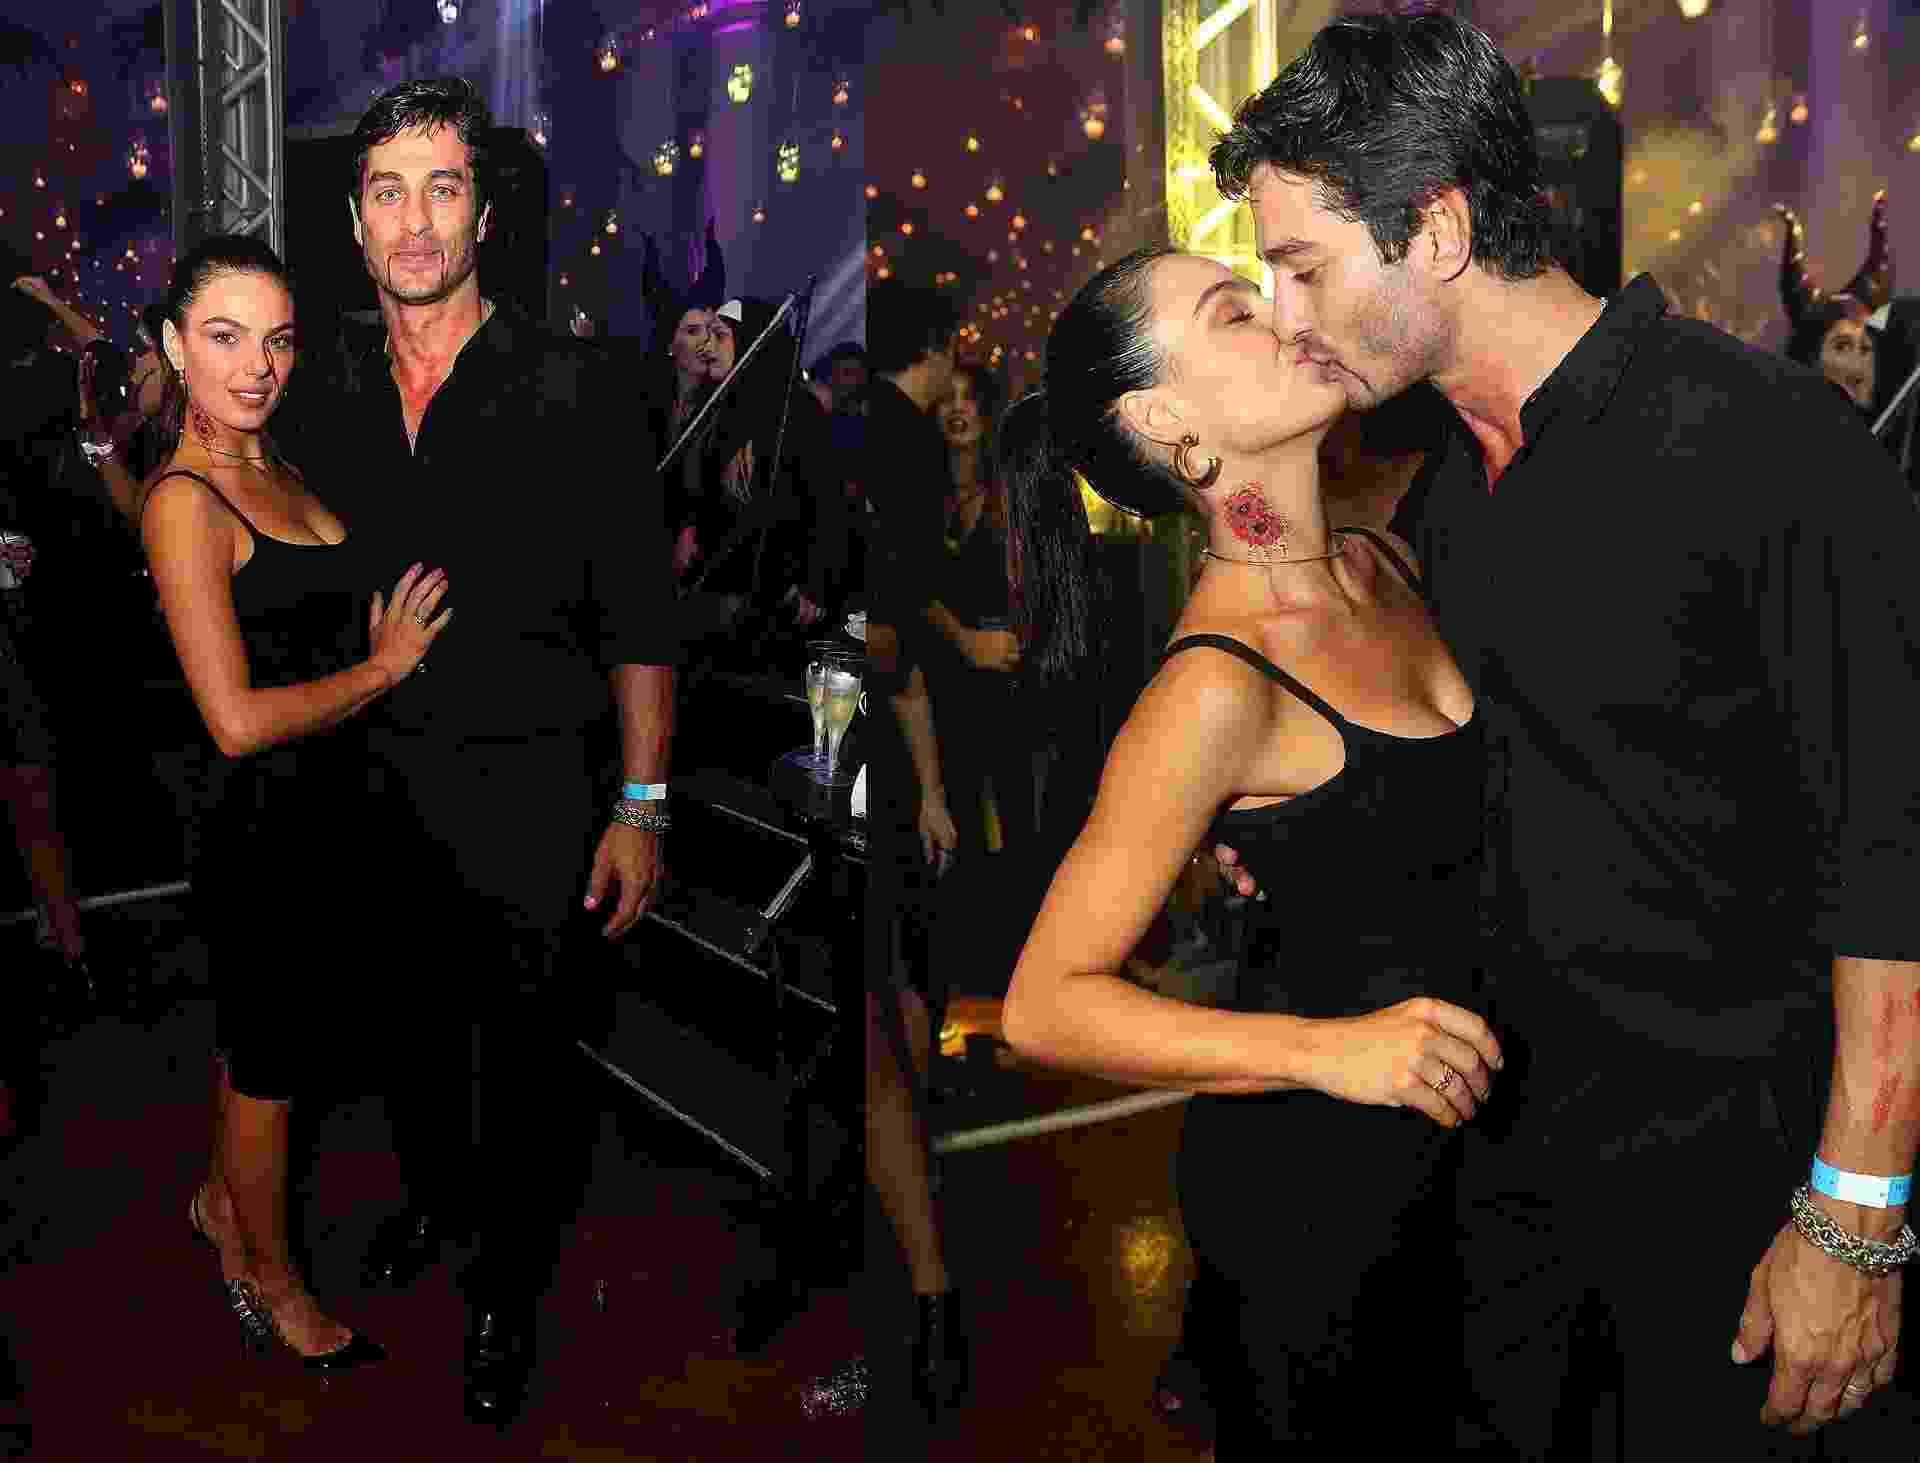 Isis Valverde beija muito o namorado André Rezende na festa de Halloween do Copacabana Pallace, que aconteceu na madrugada de sábado (28) para domingo no Rio. A atriz usou uma maquiagem de uma mordida de vampiro no pescoço - Marcos Ferreira/Brazil News